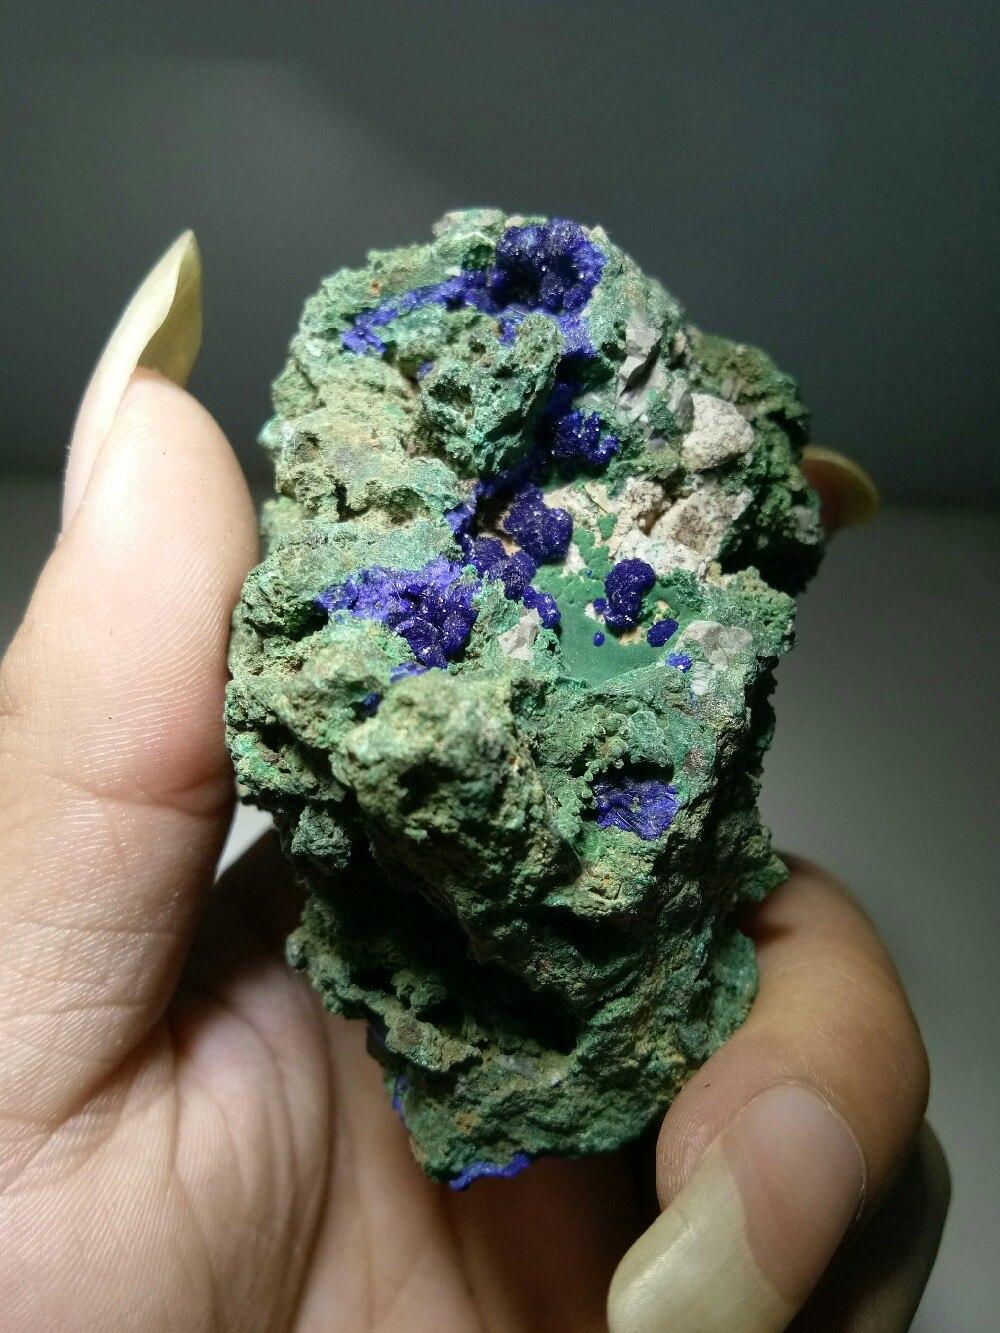 Pierres naturelles minéraux roche Malachite AzuriteCrystal échantillons minéraux Quartz cristal gemme pierre minerai échantillon collection